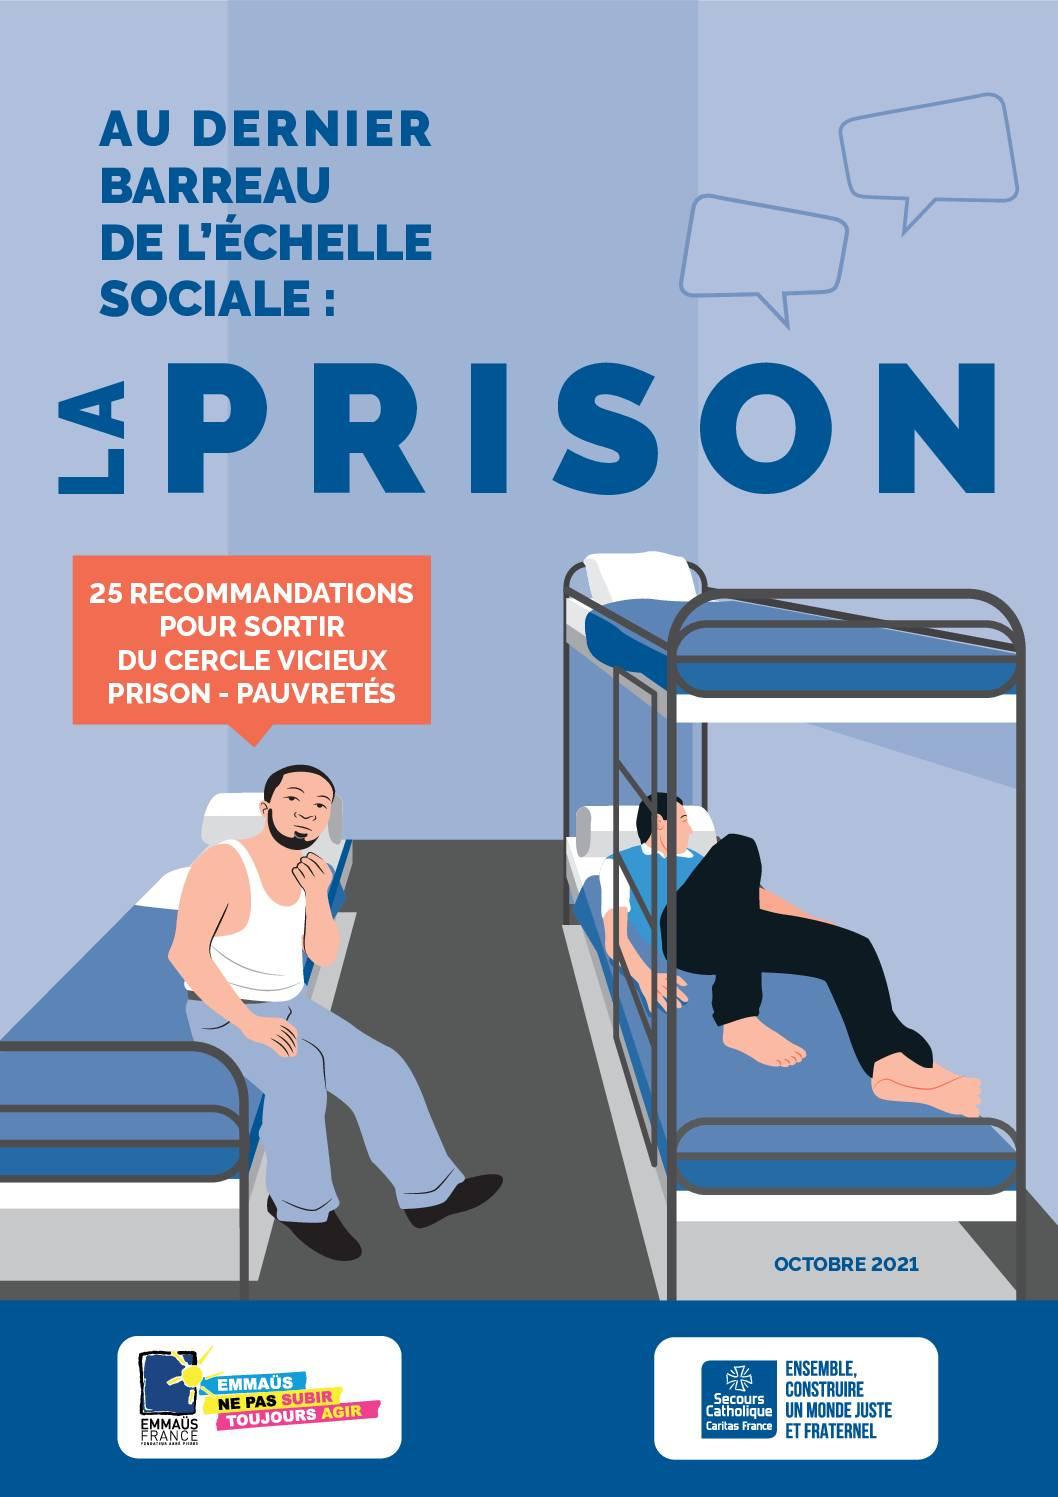 Au dernier barreau de l'échelle sociale : la prison